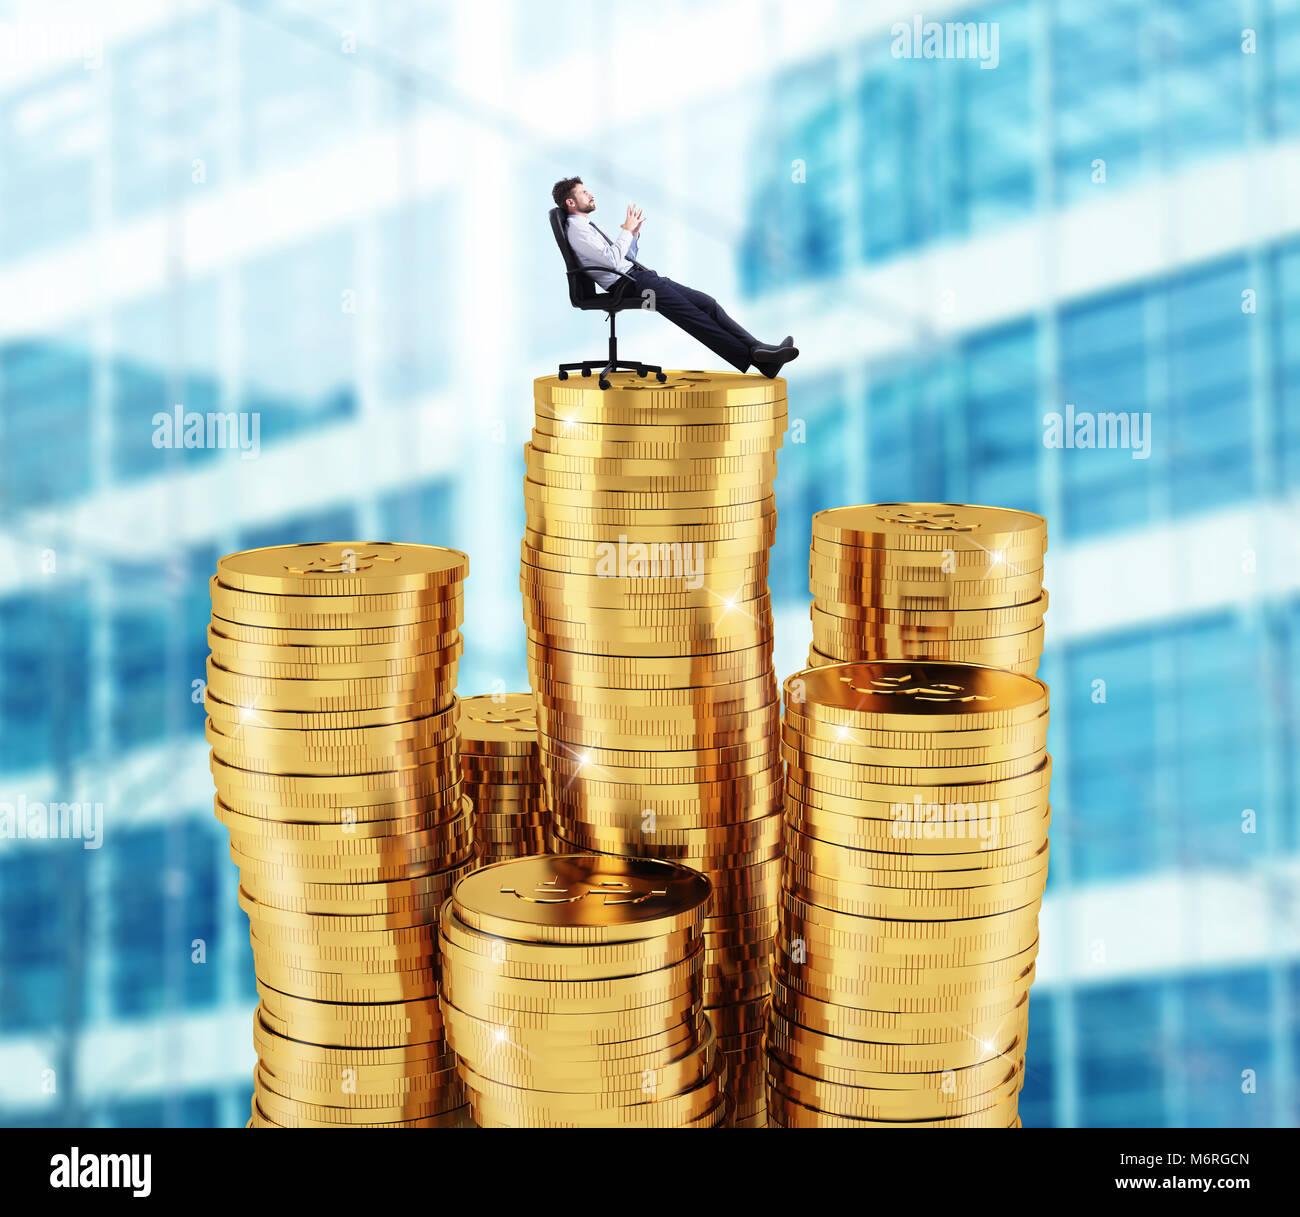 Imprenditore di successo rilassante oltre i cumuli di denaro. Concetto di successo e di crescita della società Immagini Stock